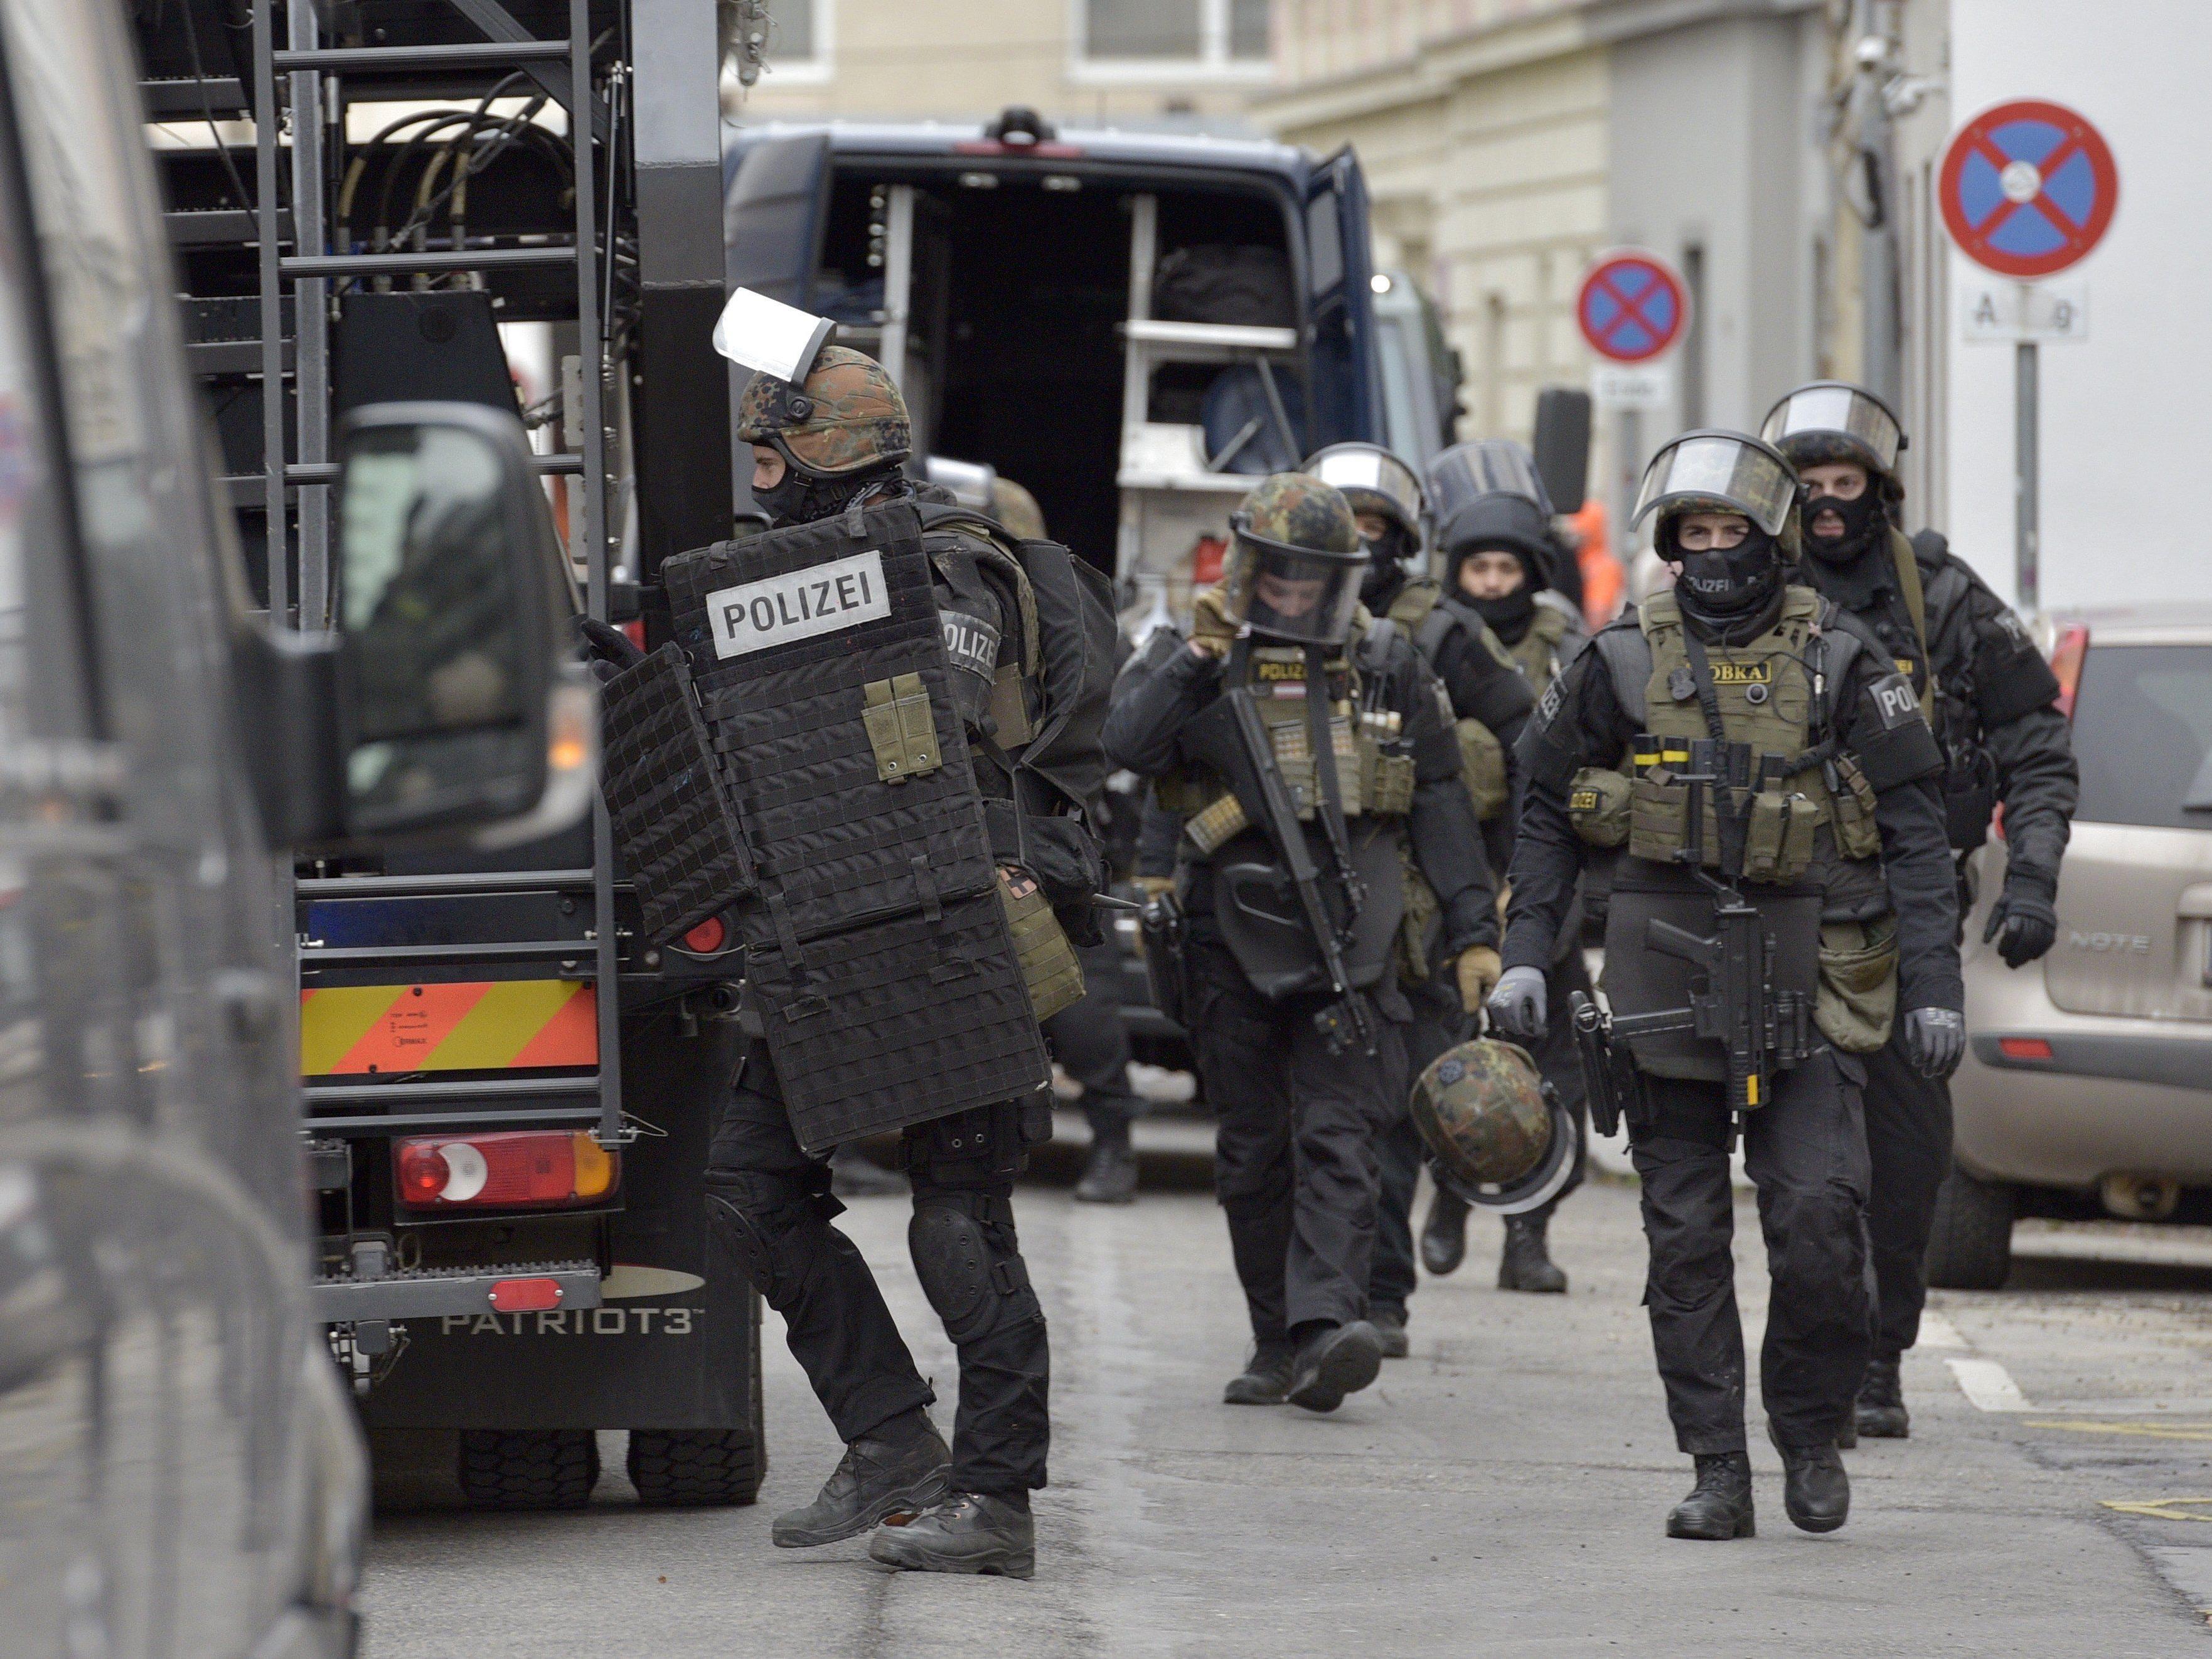 Großaufgebot der Polizei bei der Festnahme des ehemaligen Hells Angels-Bosses in Wien.